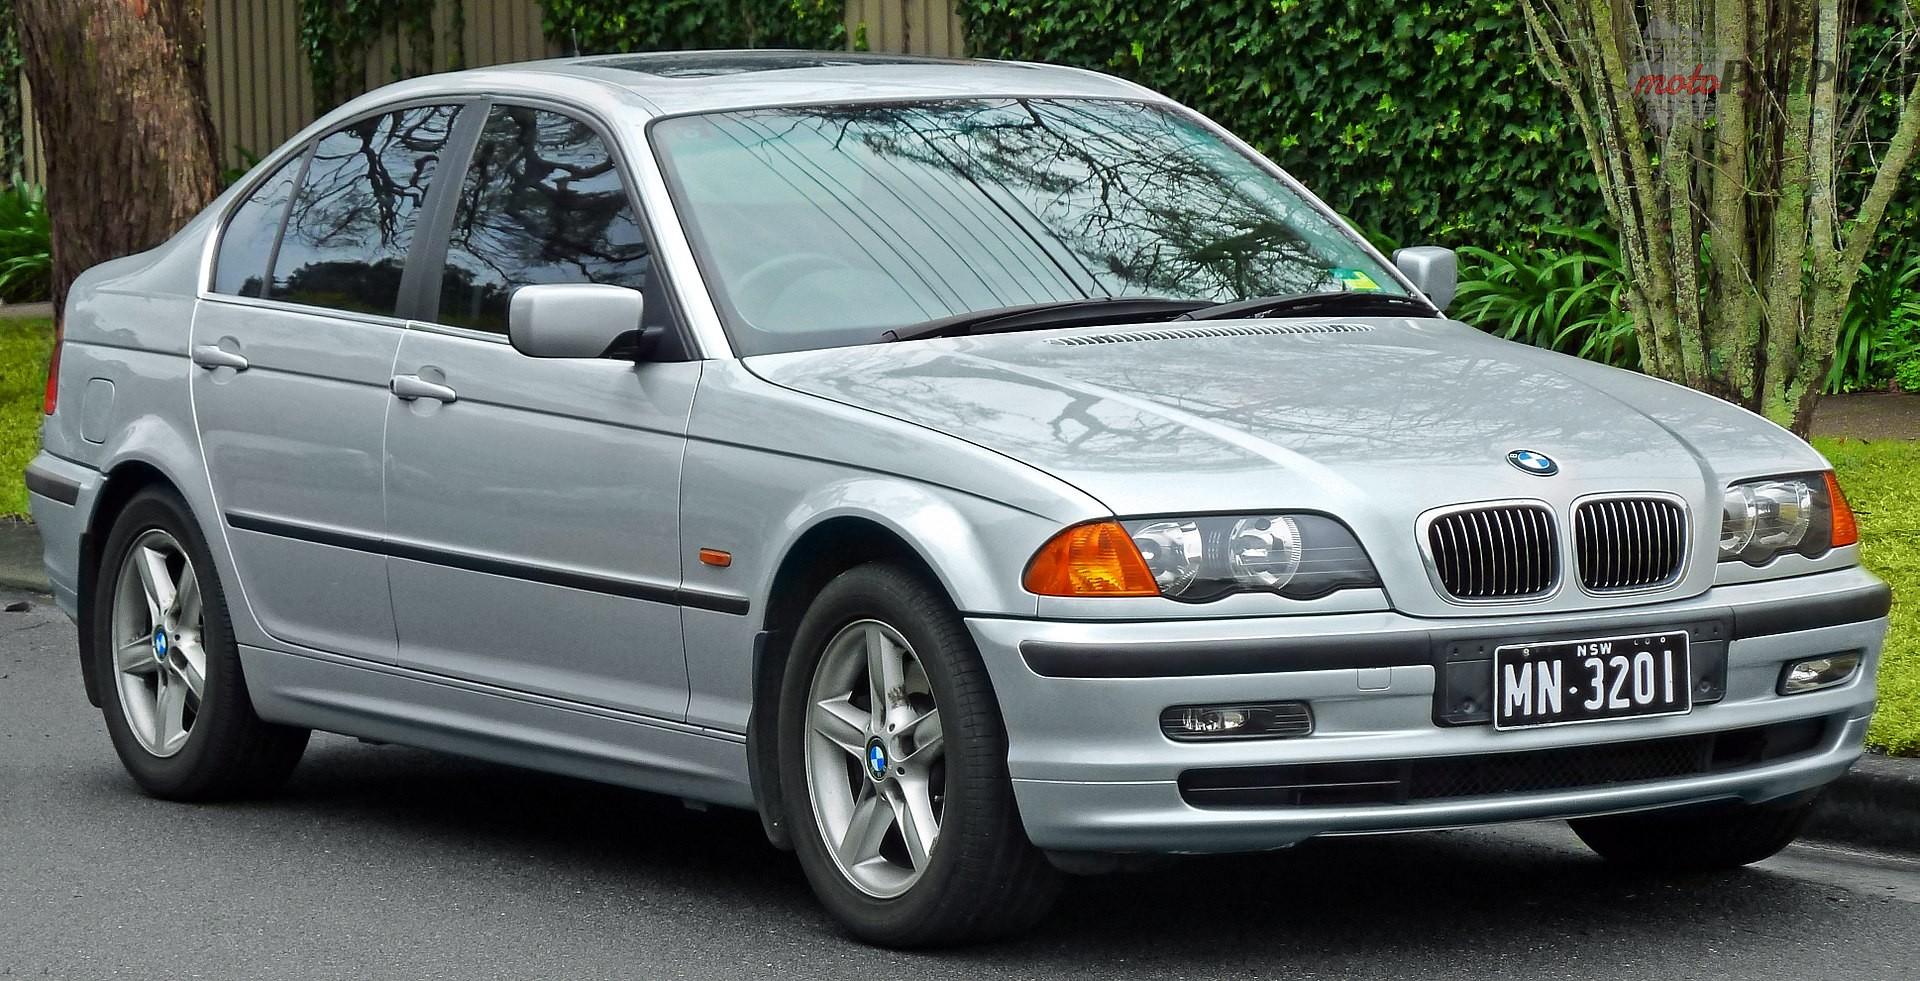 1920px 1998 2001 BMW 328i E46 sedan 2011 07 17 01 Piękni dwudziestoletni: modele, które kończą w tym roku 20 lat